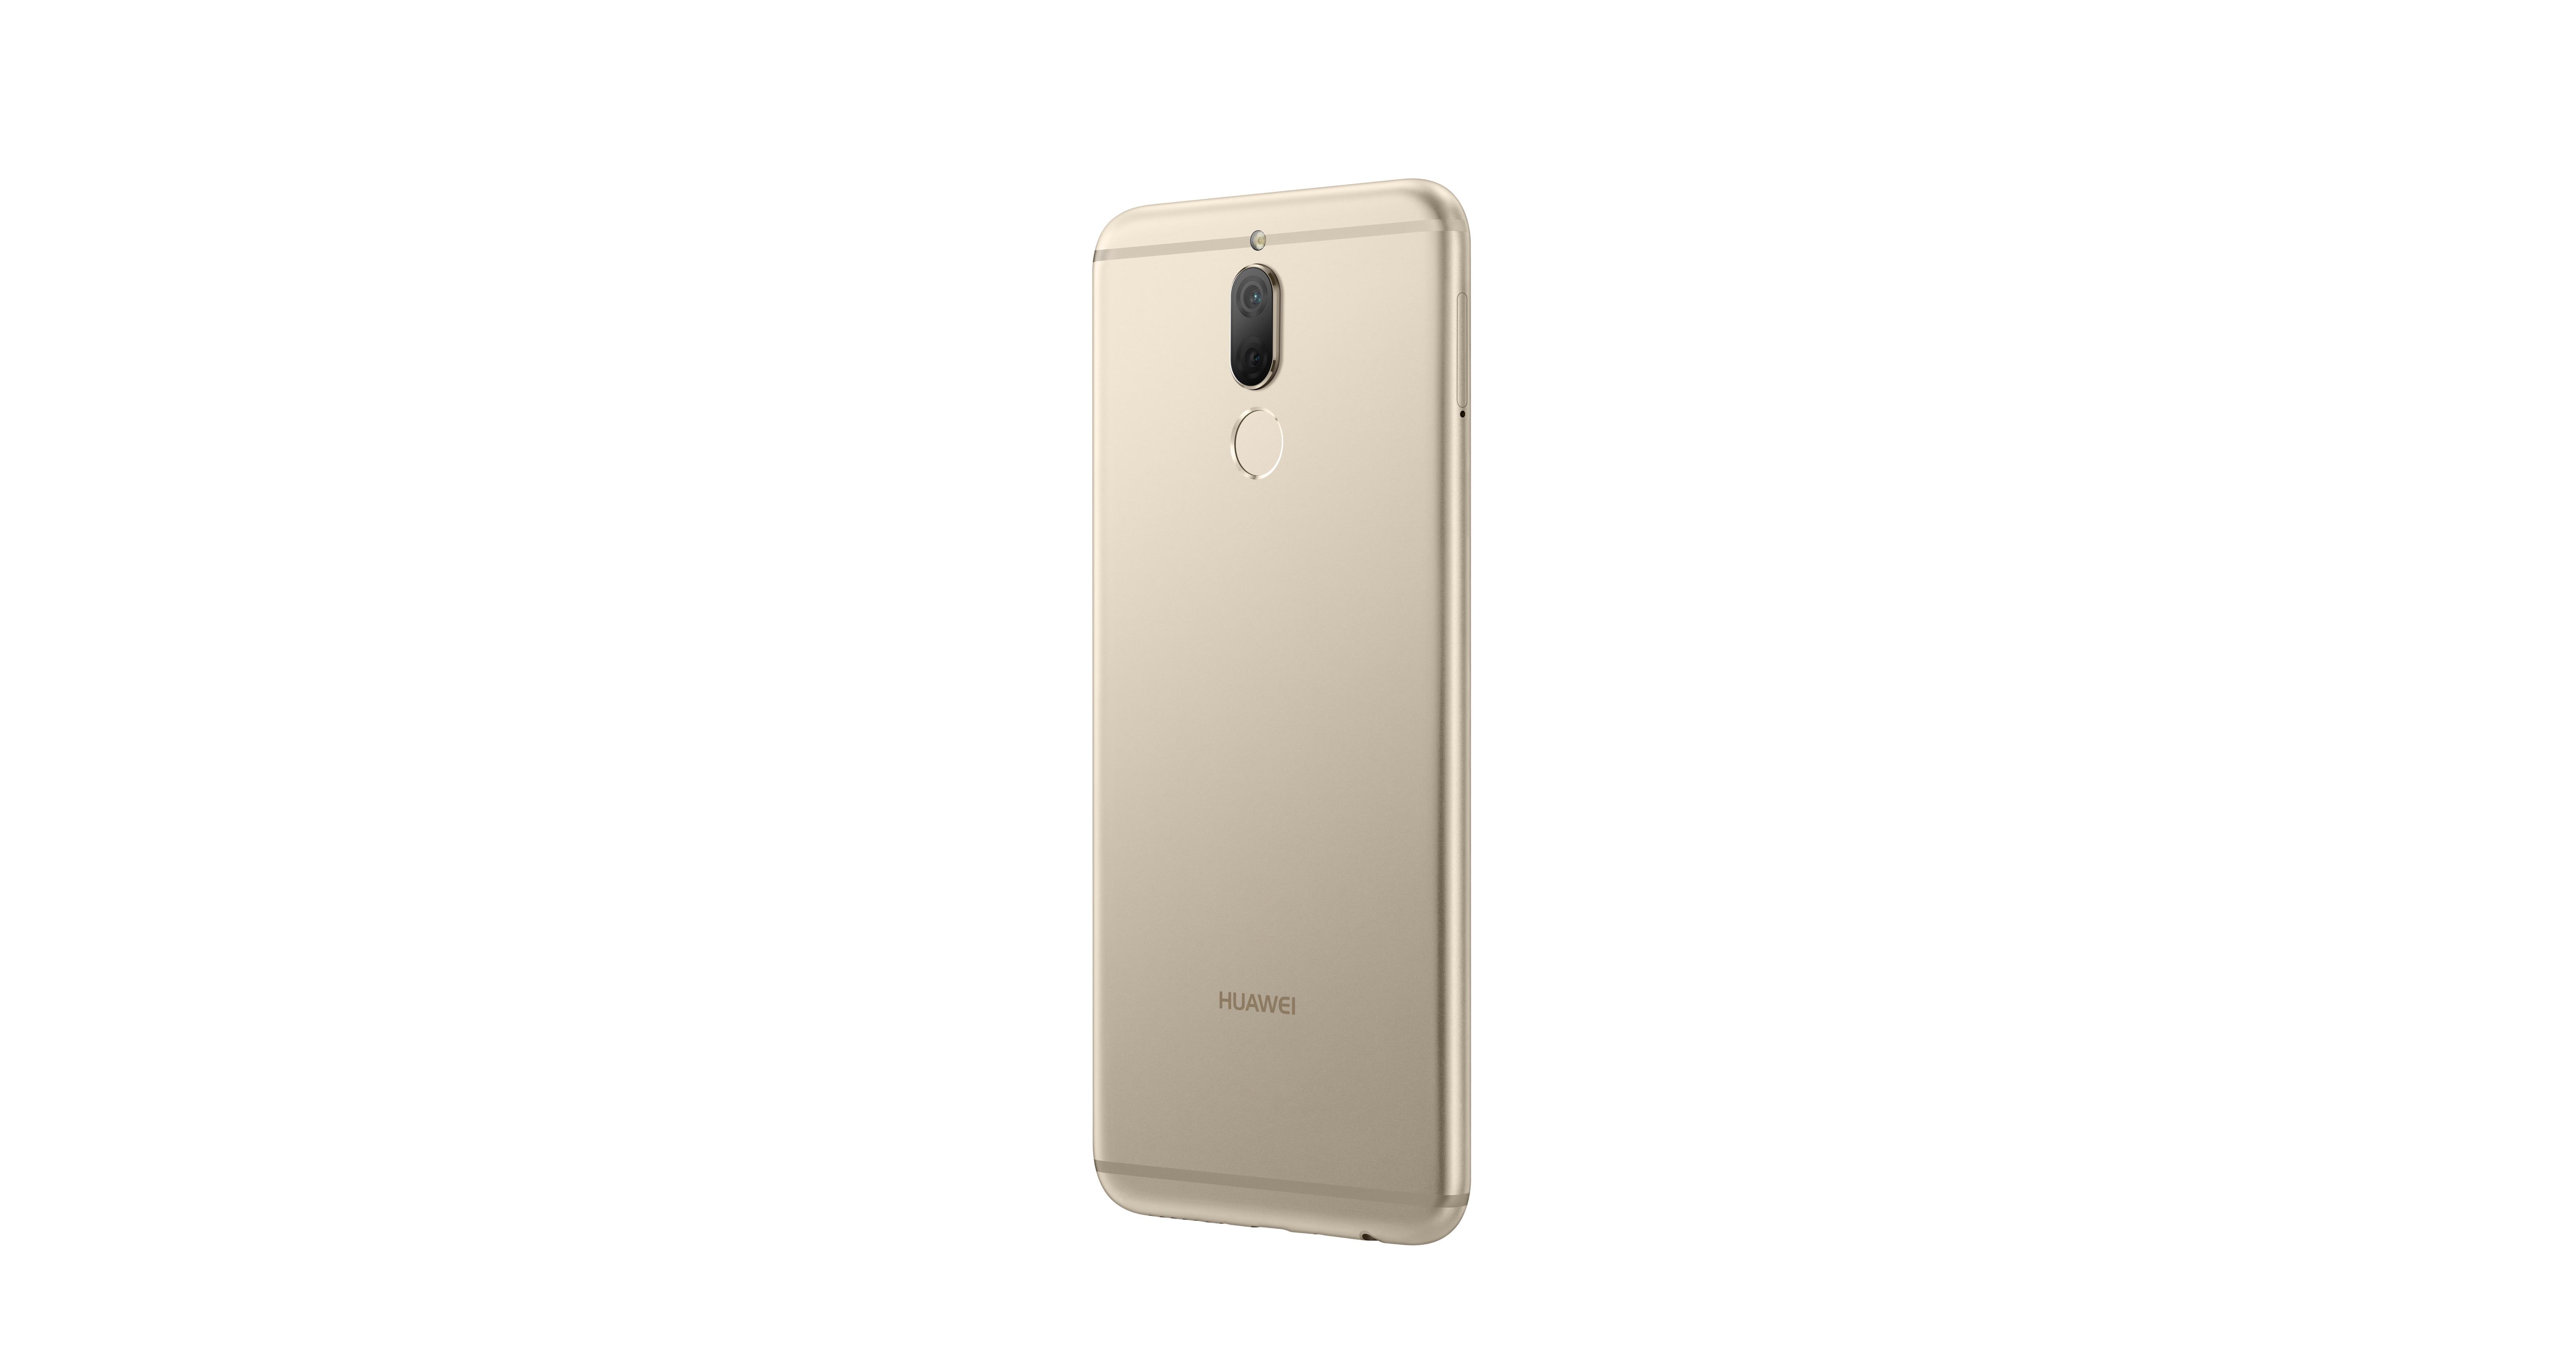 Huawei-Nova-2i-Launch-Event-SpecPhone-00019